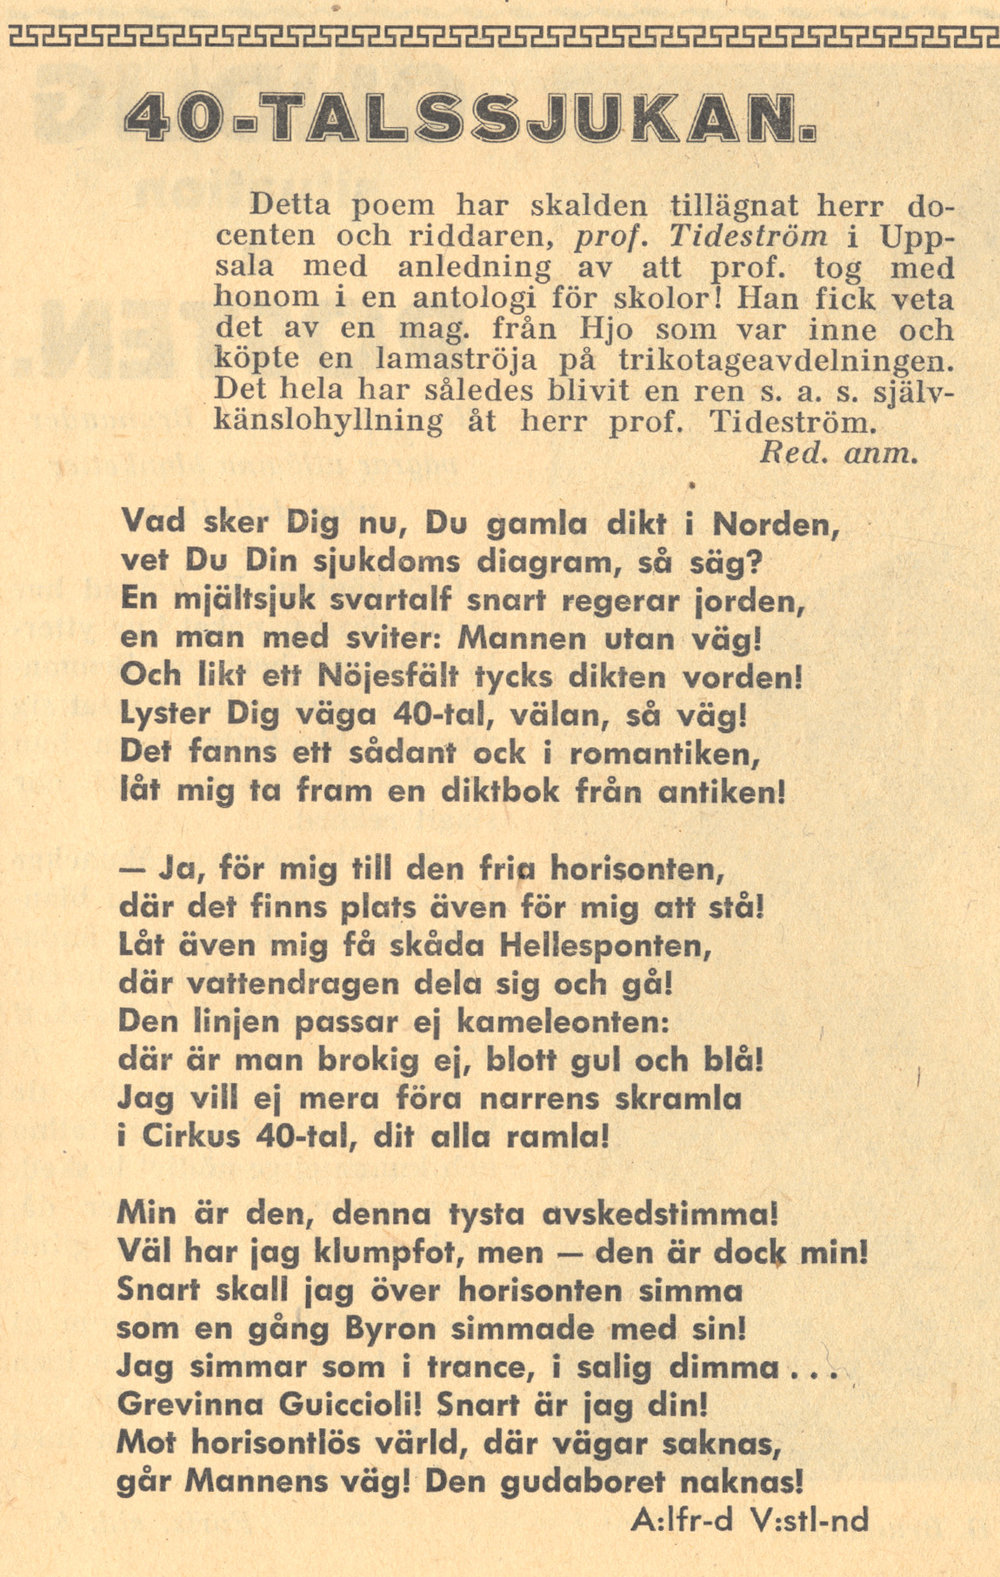 """""""40-talssjukan"""" i  Grönköpings Veckoblad  nr 11 1948   är författad av Gunnar Ekelöf i skarp front mot 40-talismen, i synnerhet Erik Lindegren. Dikten ingår omarbetad – och nedtonad – i samlingen  Strountes  (1955) och har där fått namnet """"Epilog av A:lfr-d V:stl-nd""""."""